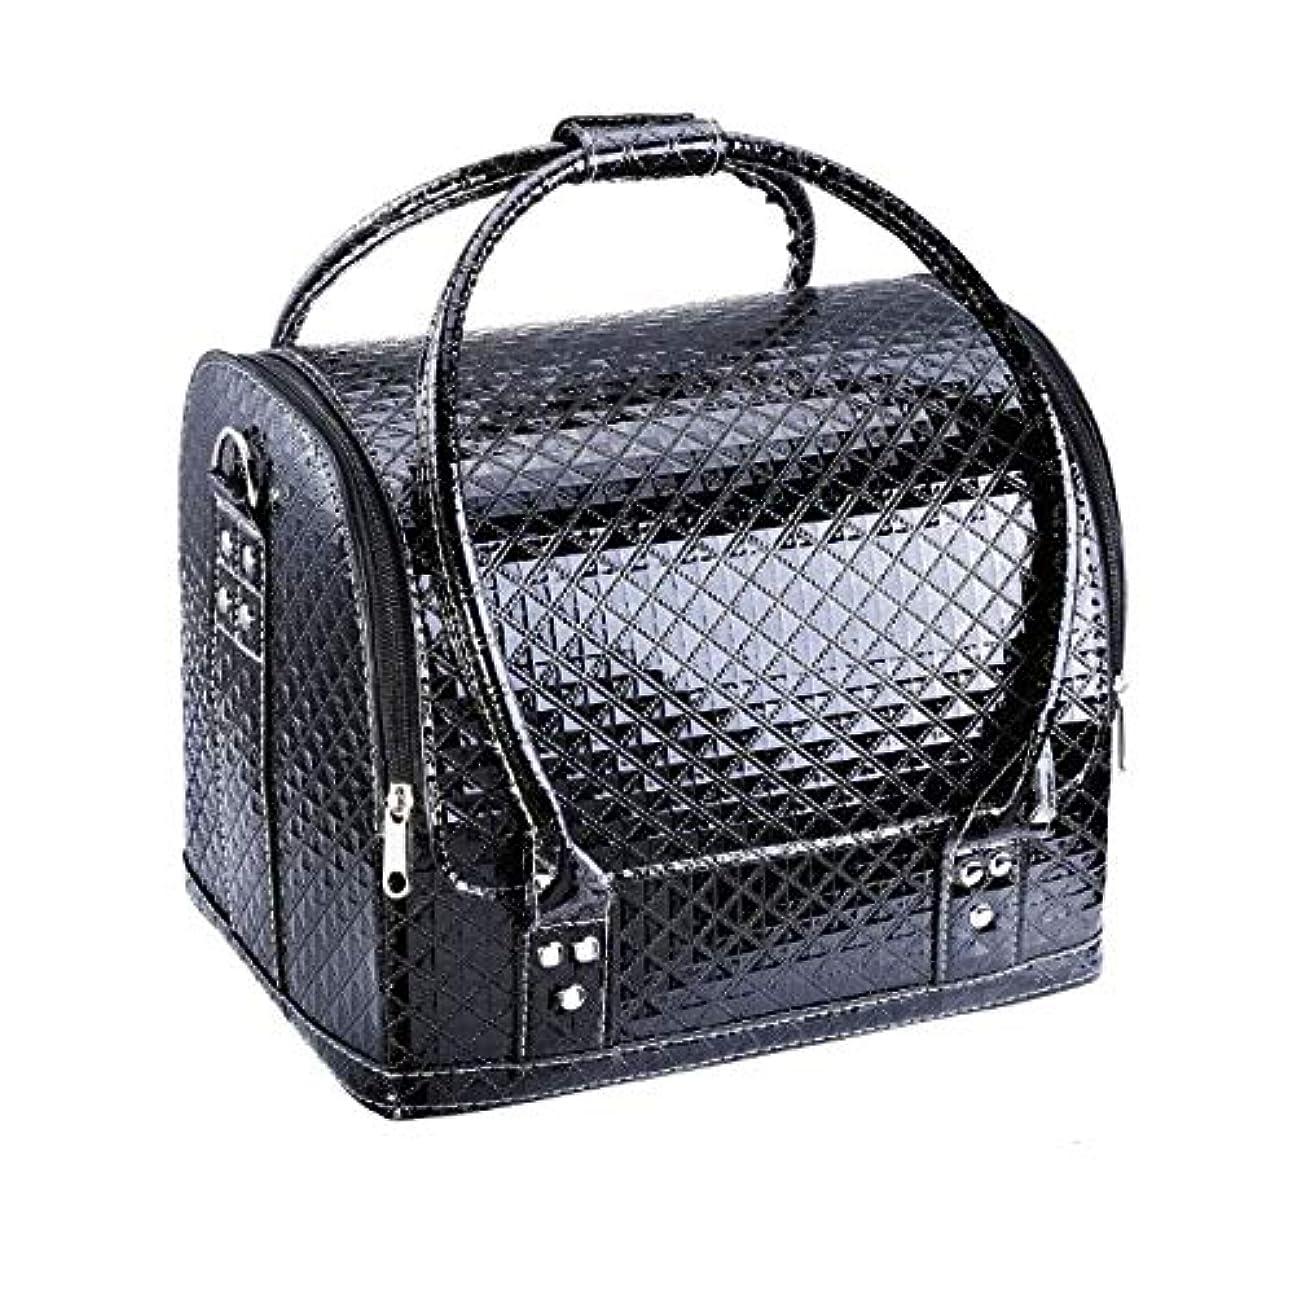 けがをする差し引くカレッジ化粧箱、大容量ダブルオープンポータブル化粧品ケース、ポータブルダイヤモンドパターン旅行化粧品バッグ、美容ネイルジュエリー収納ボックス